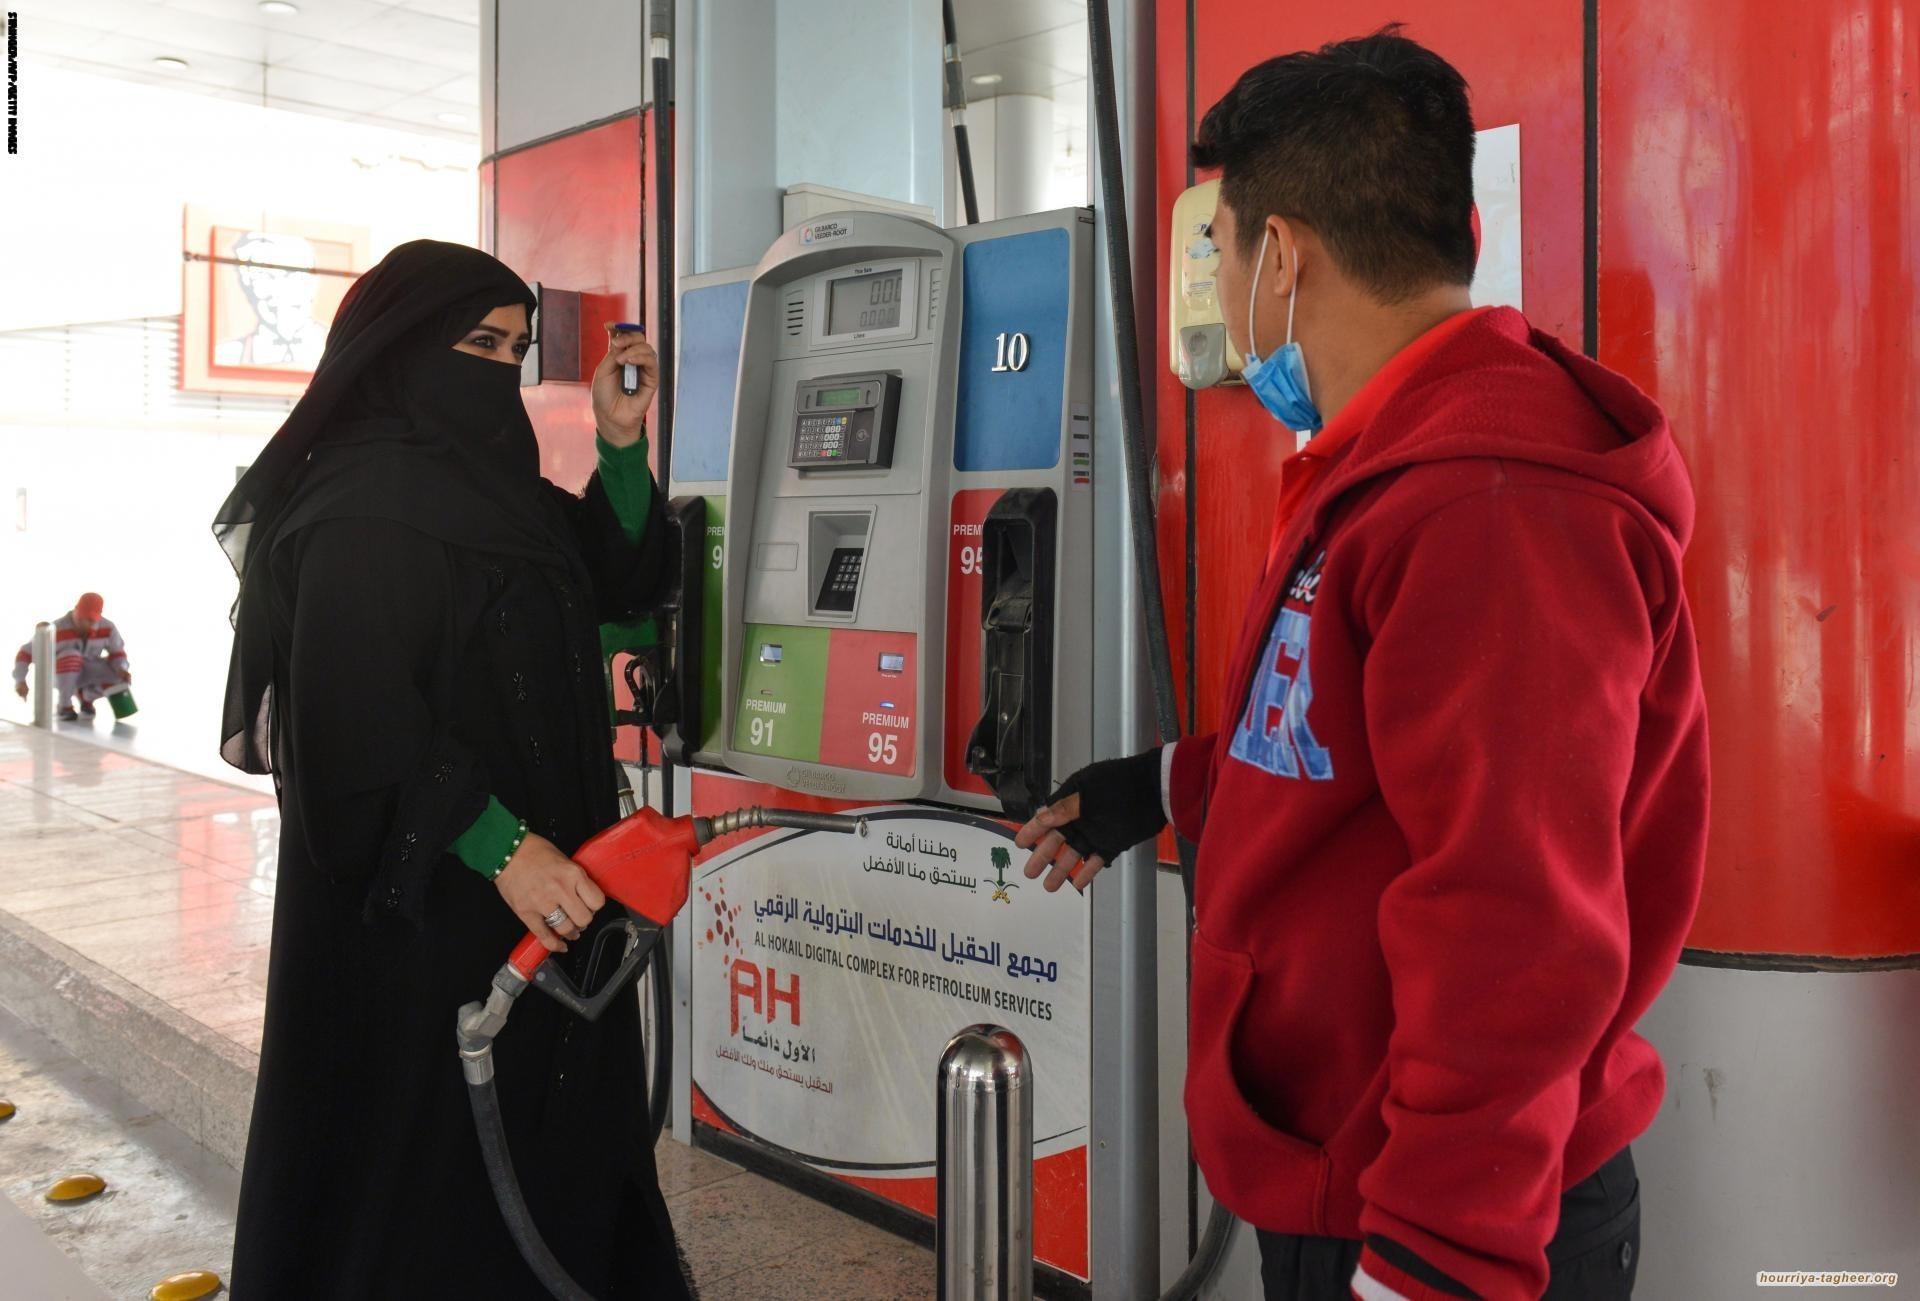 غضب شعبي عقب إعلان رفع أسعار الوقود بالبلاد